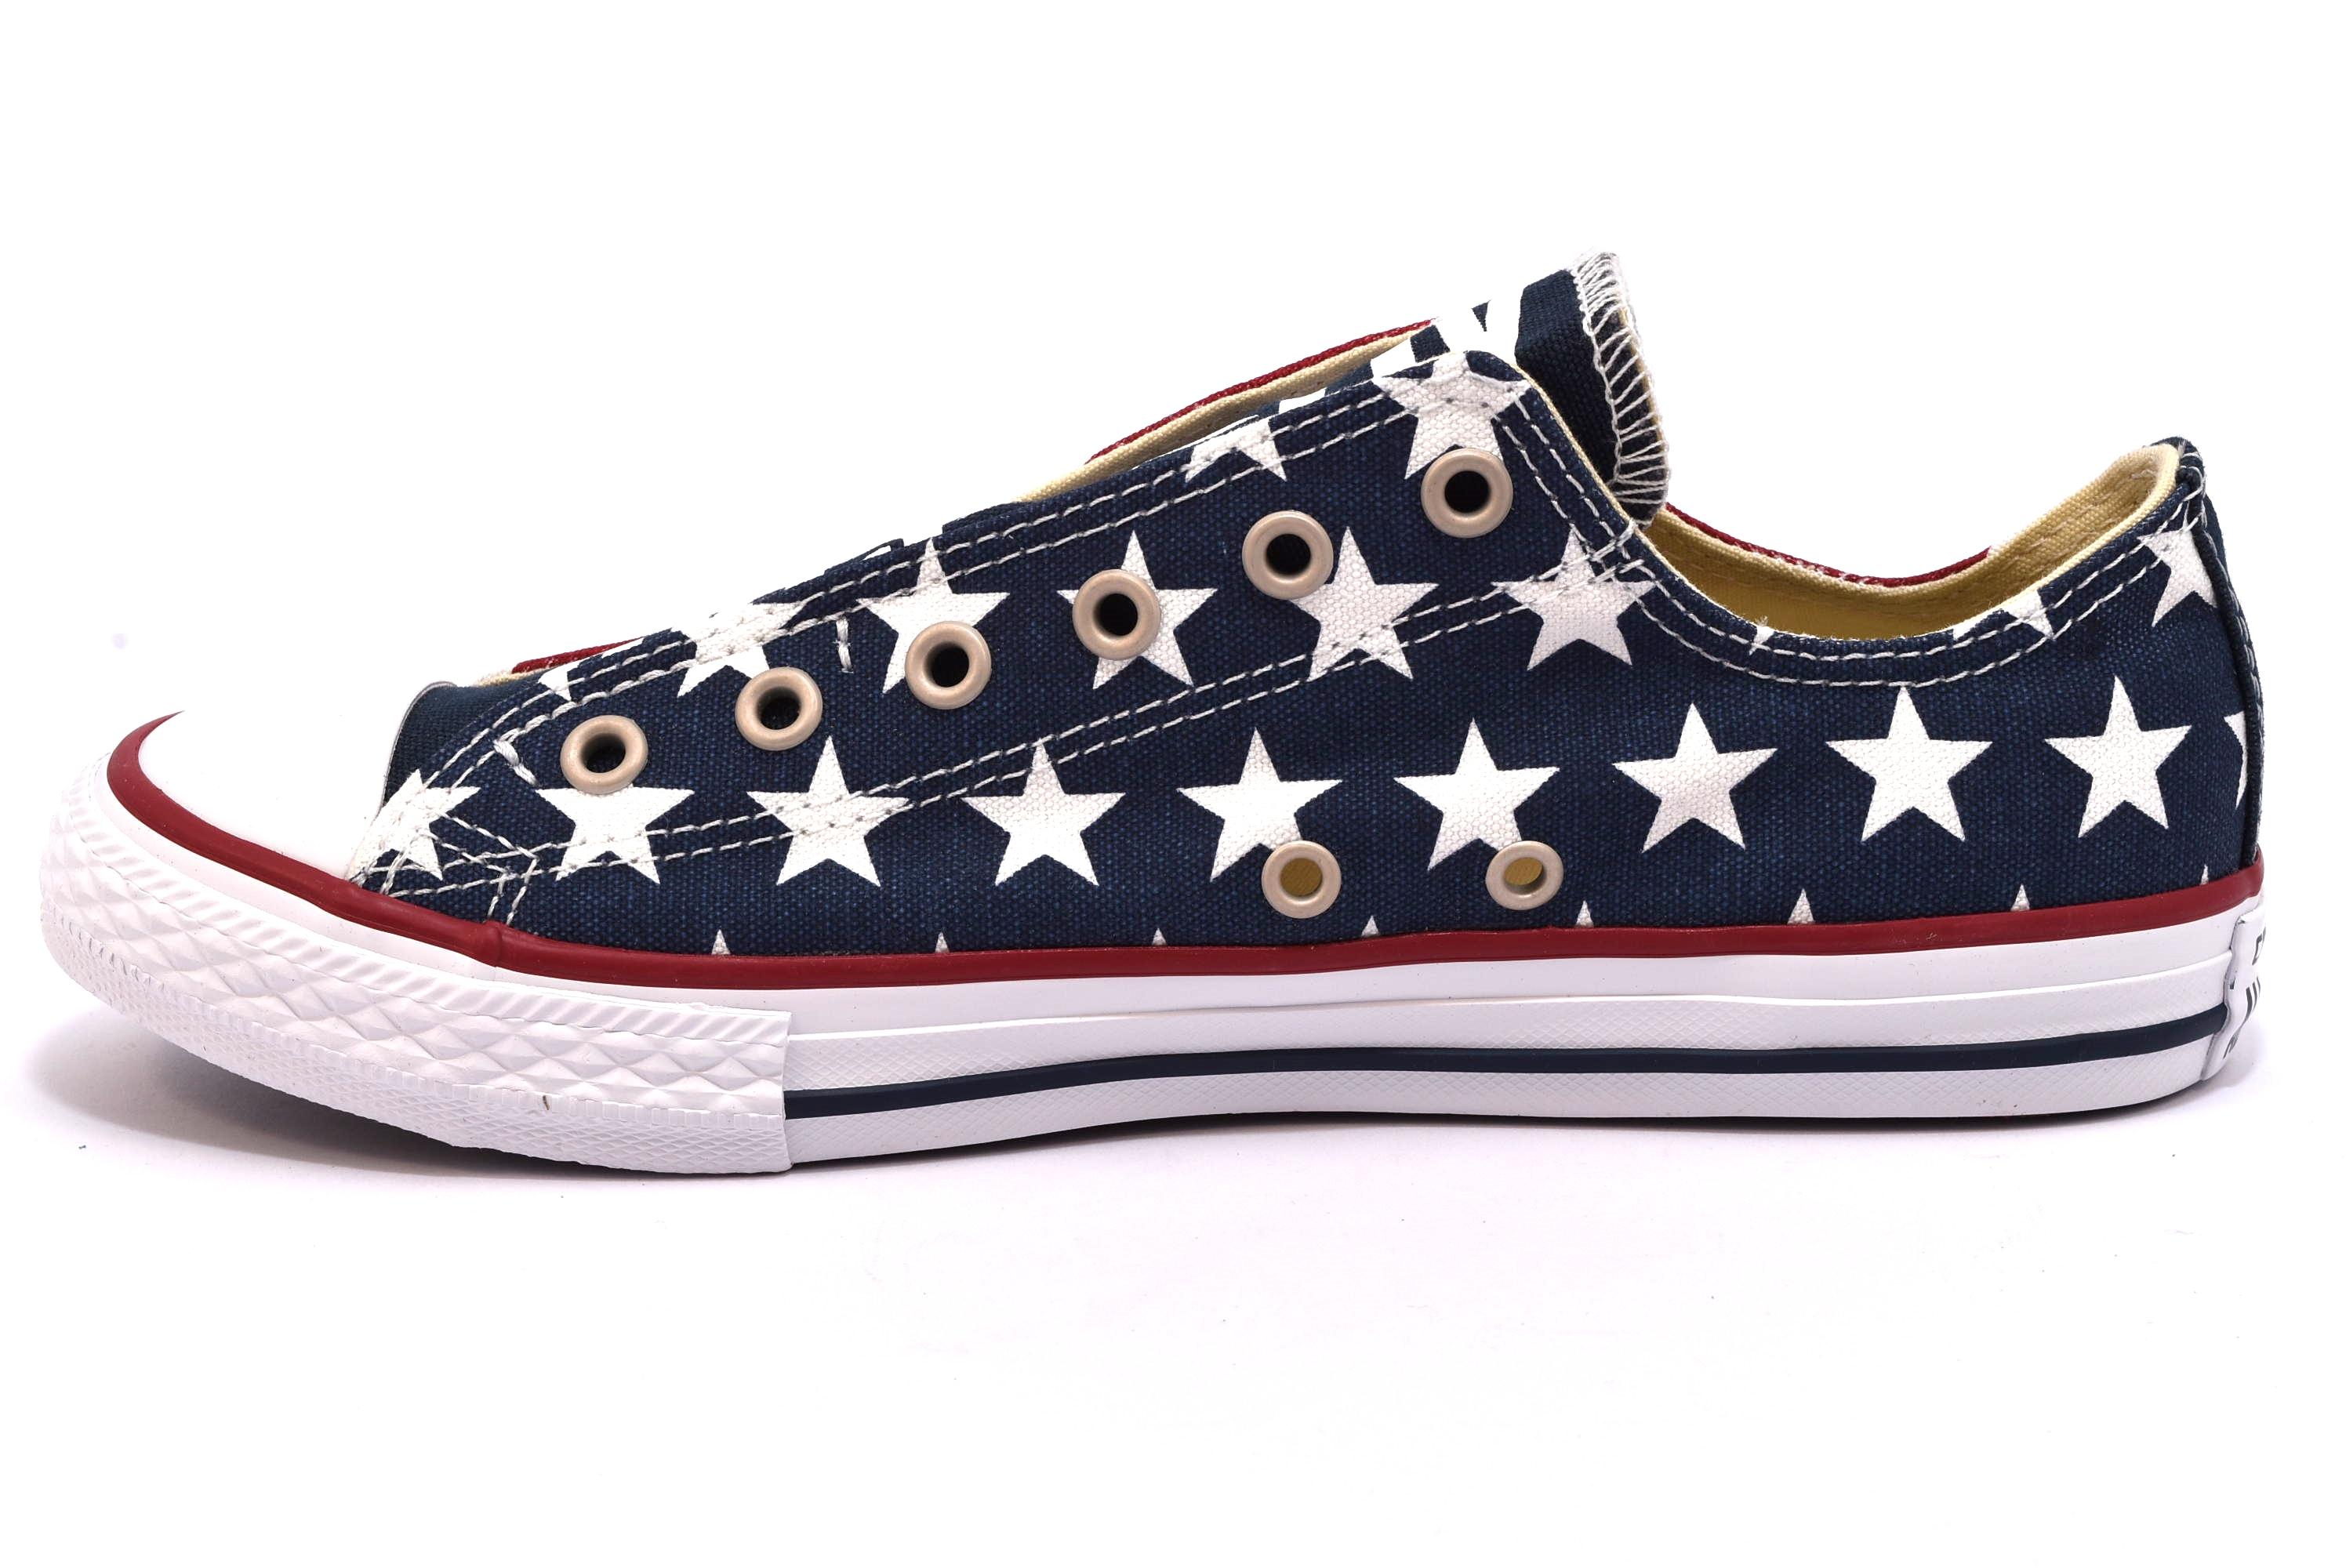 1fdbc361e5602 ... france converse all star 660992c bianca blu rossa scarpe sneakers  primavera estate estive slipon bassa bandiera